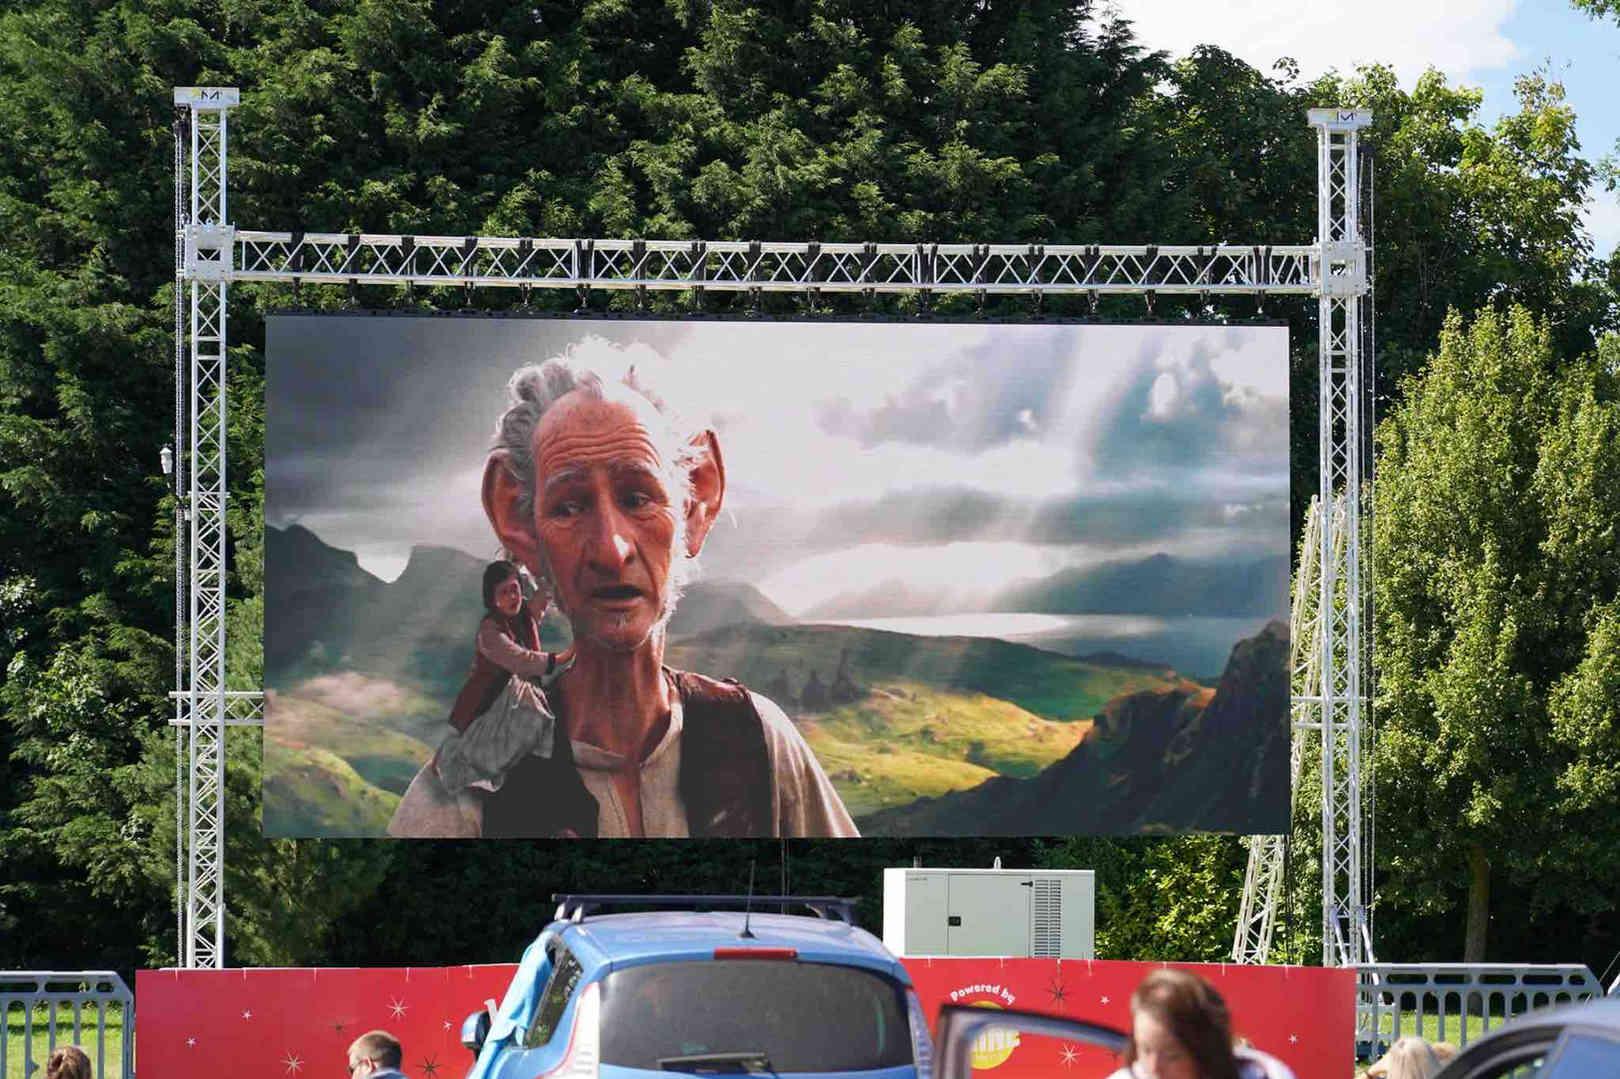 049 Outdoor Cinema Screen Hire.jpg